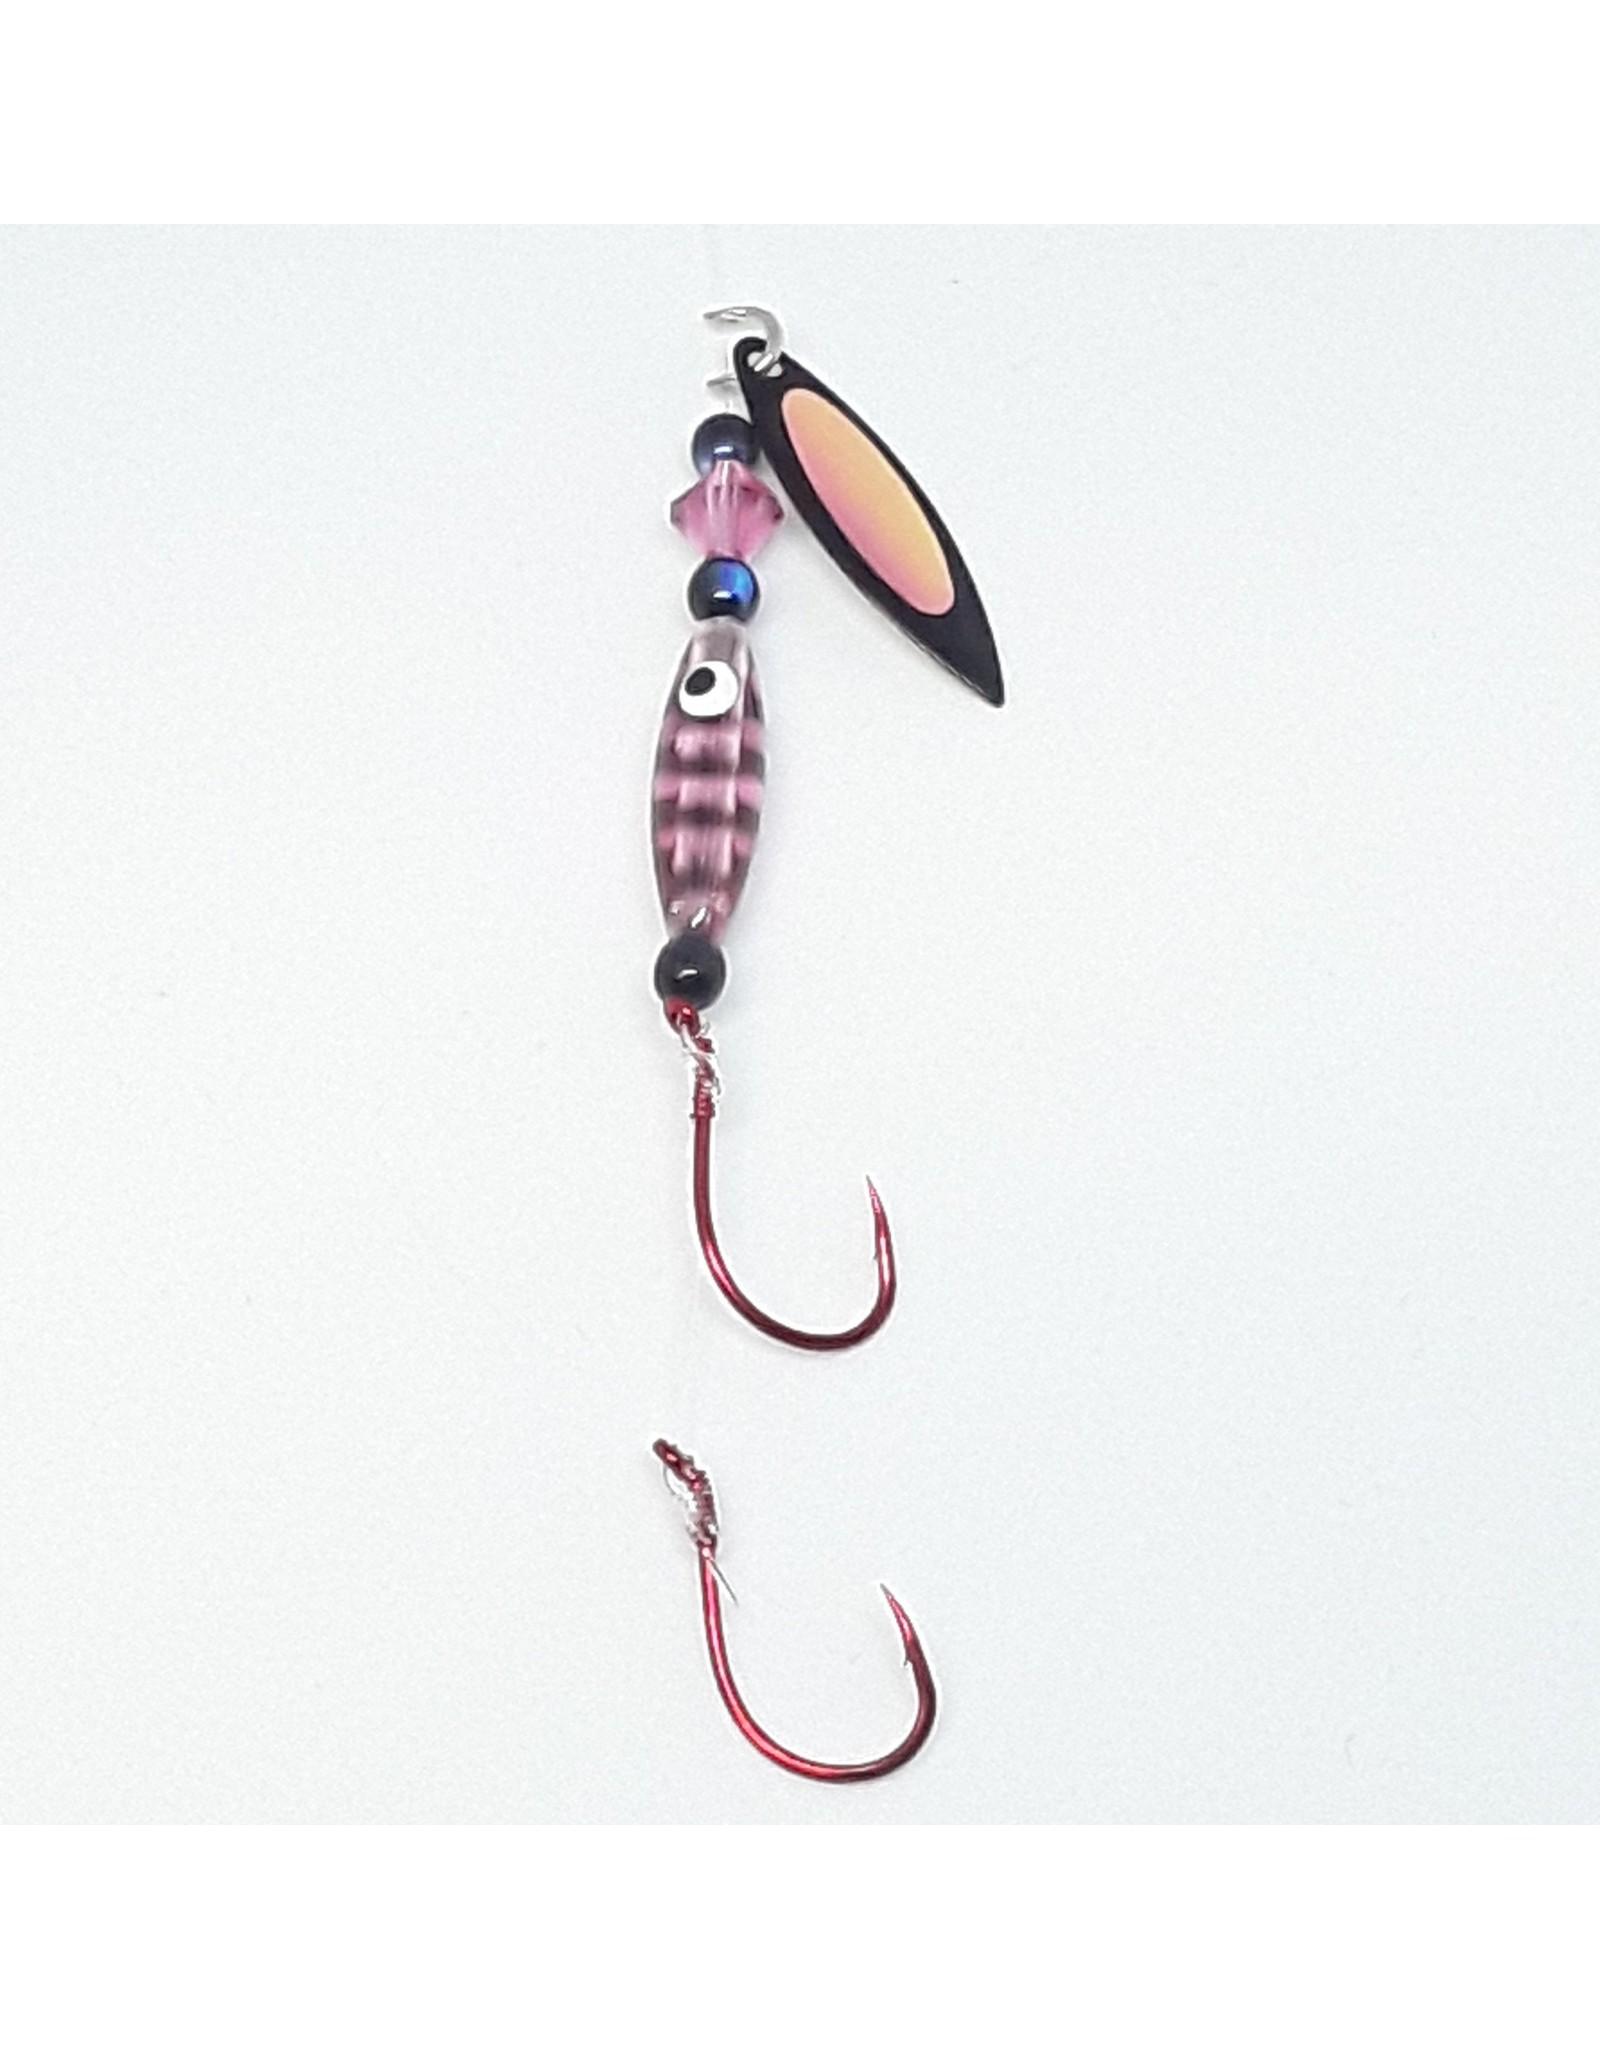 Kokabow Fishing Tackle - Koka Bug - Pink Panther